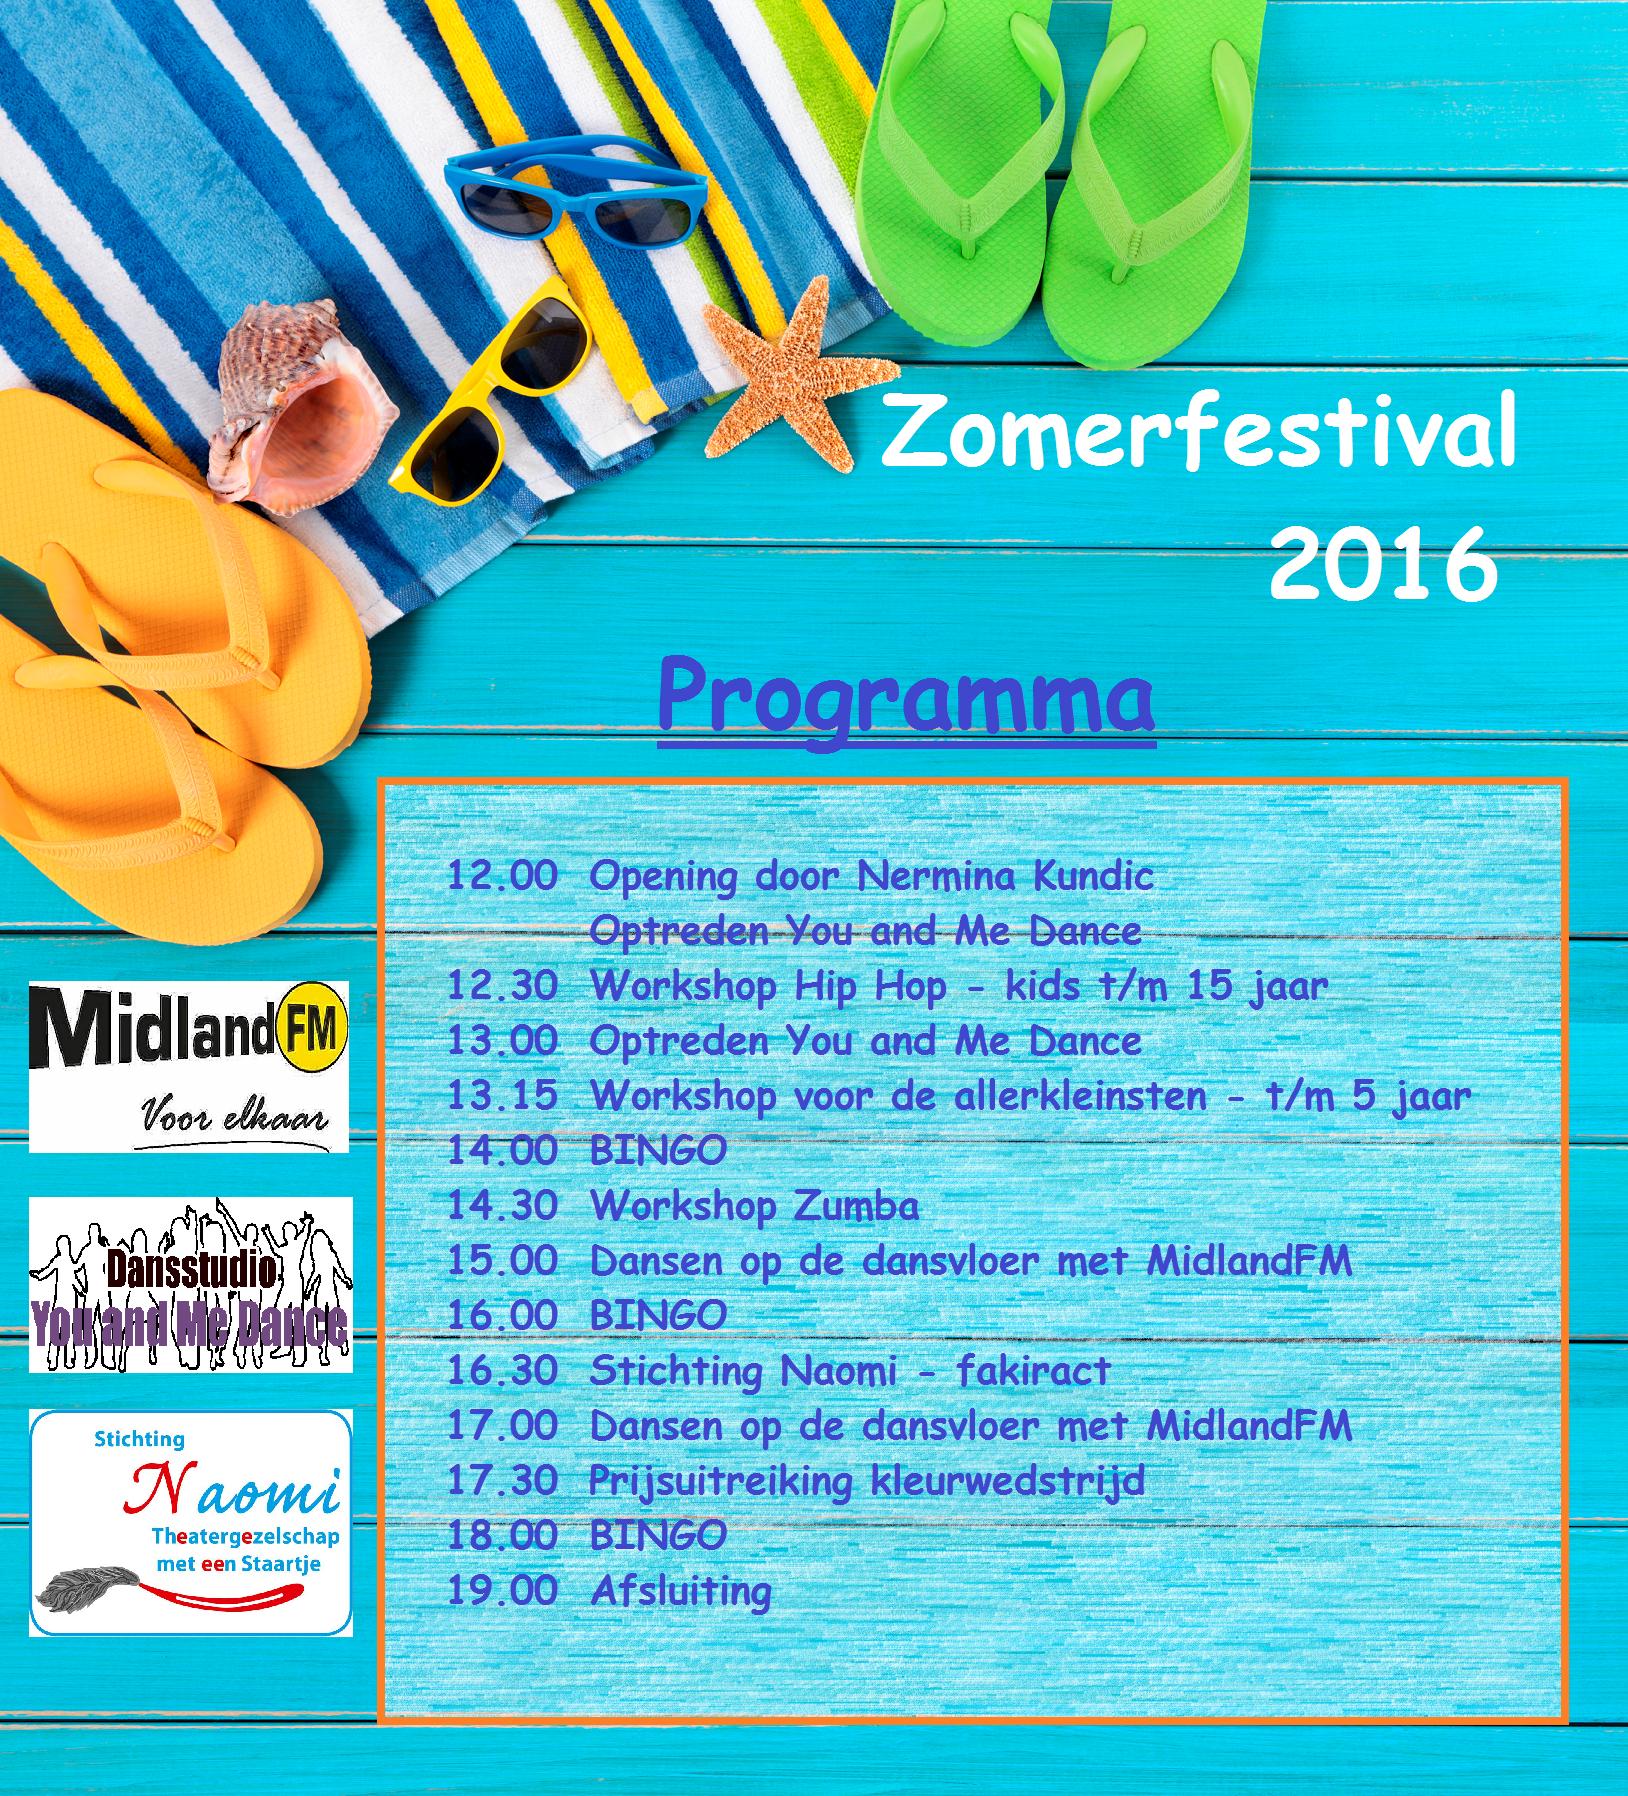 programma zf 2016